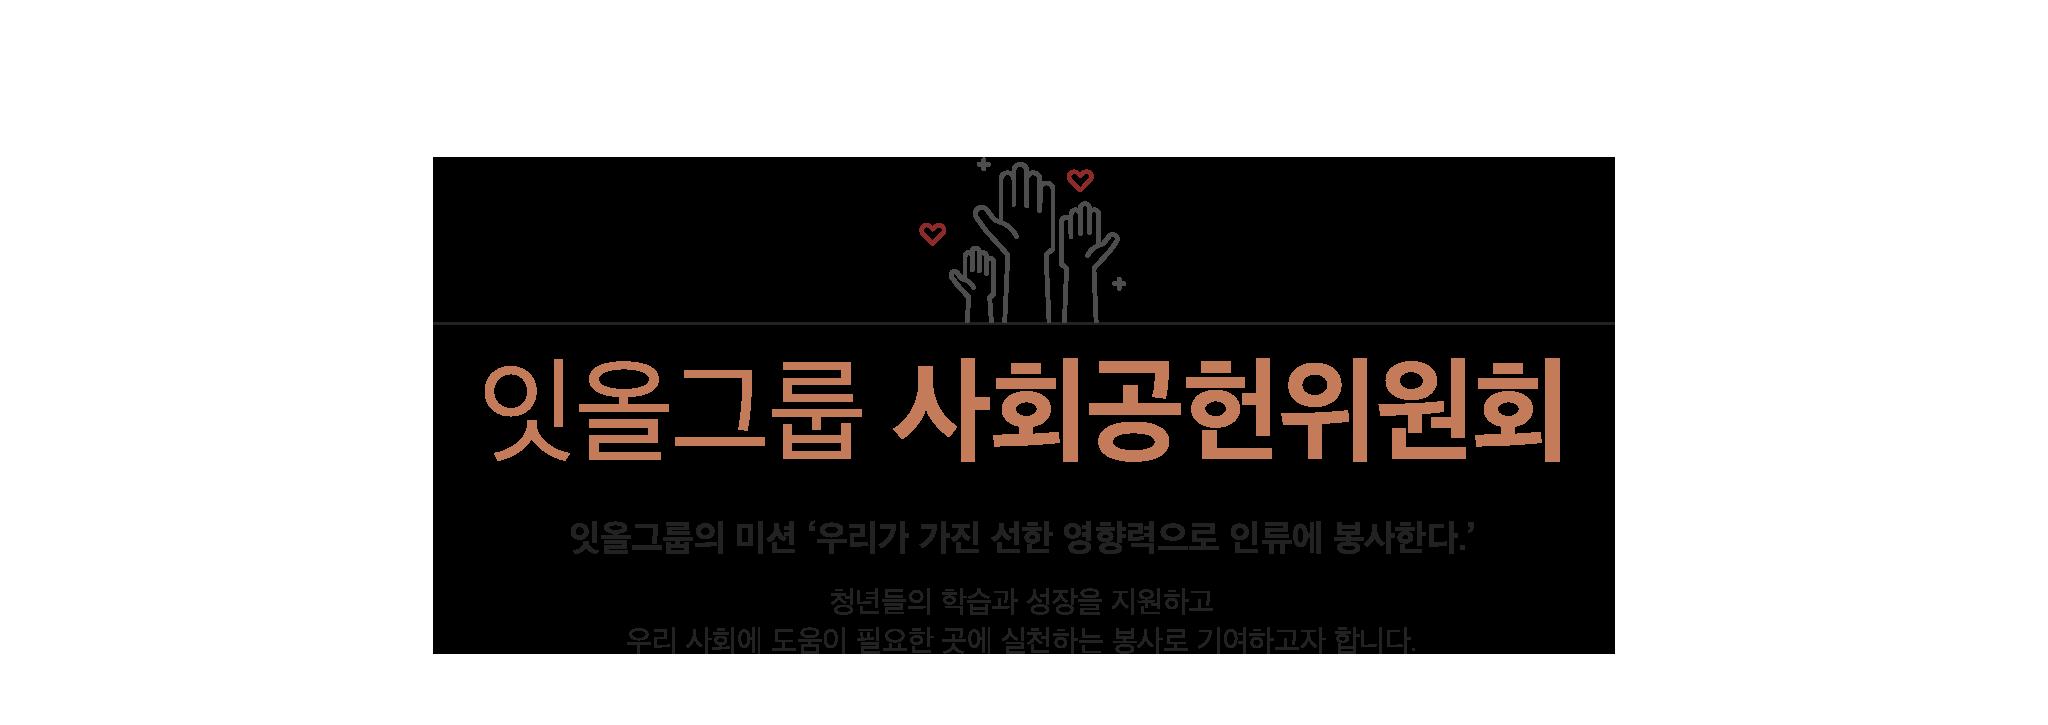 잇올그룹 사회공헌위원회